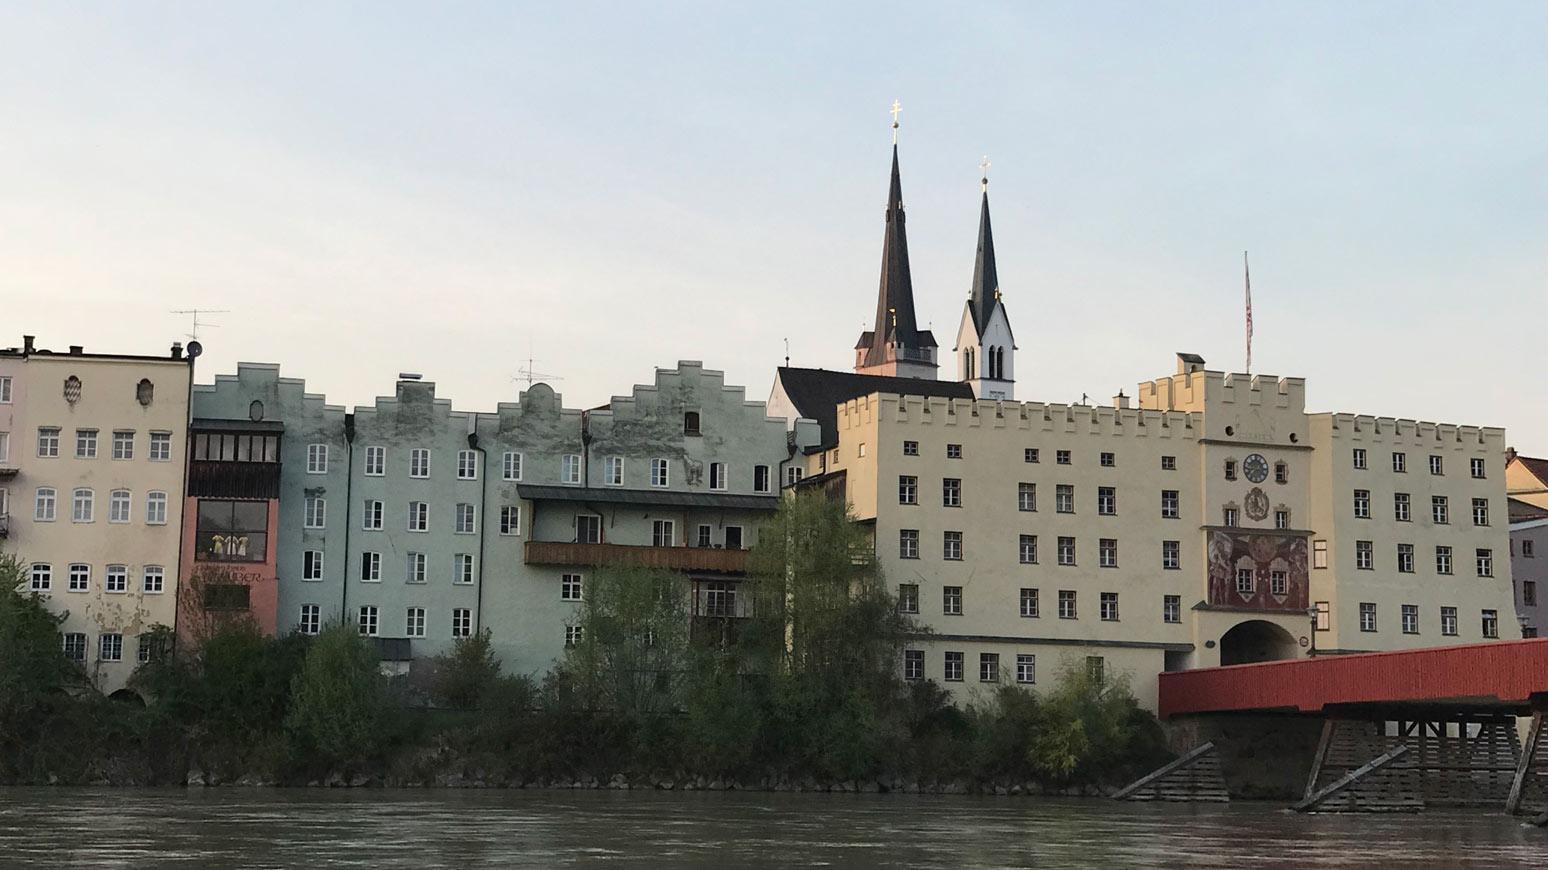 Wasserburg Häuserfassade